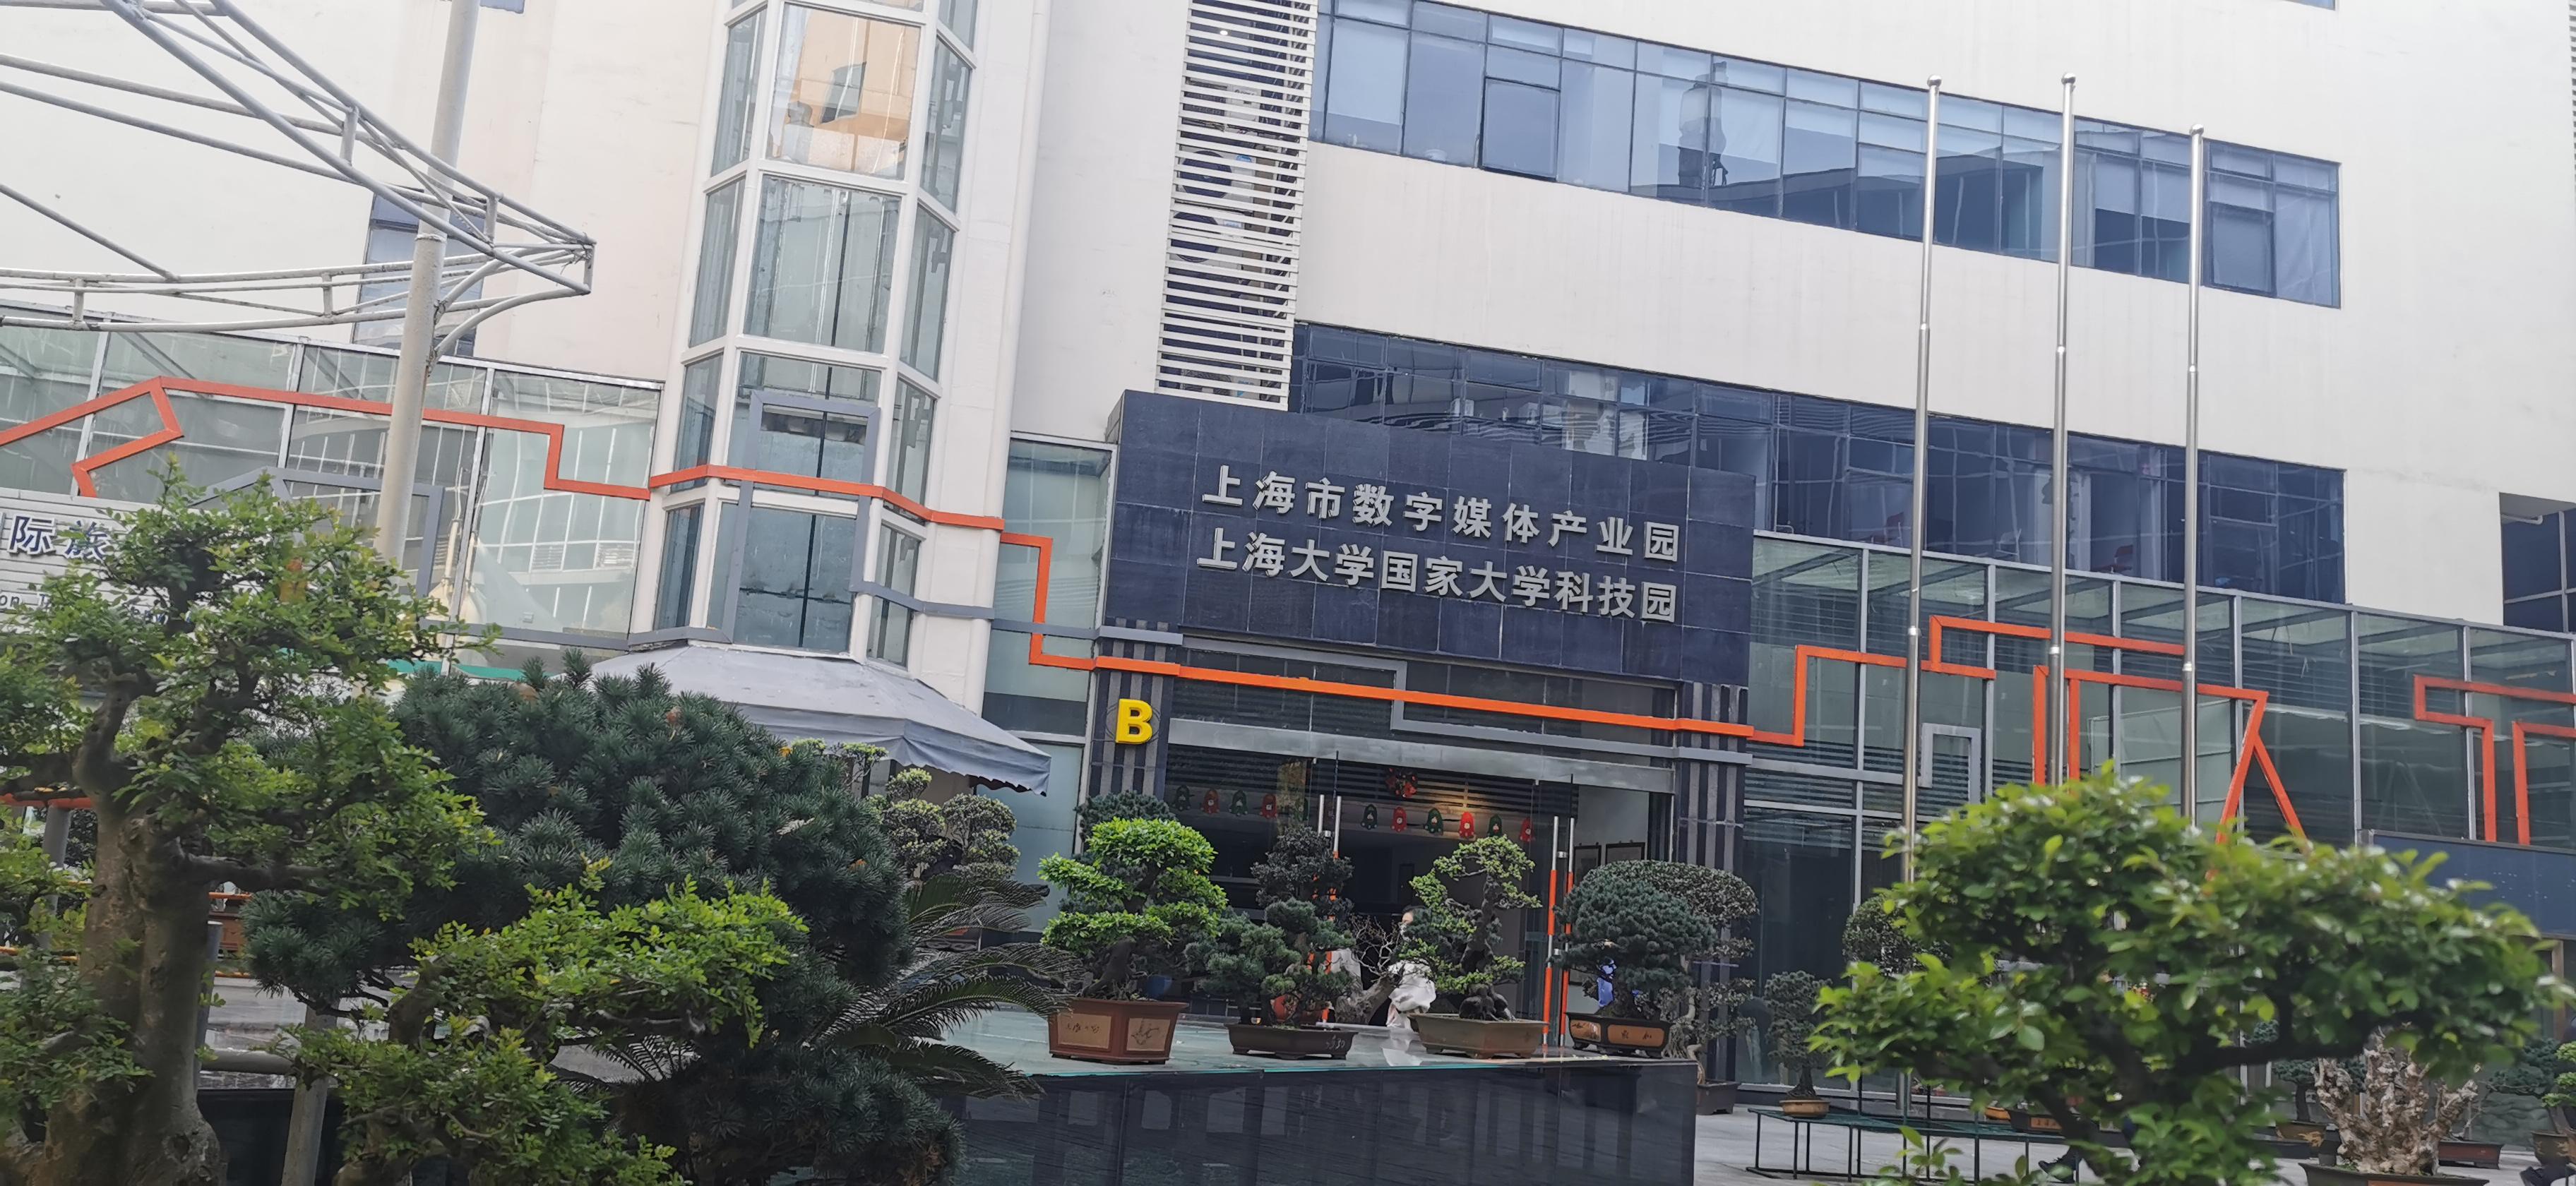 空间188创意产业园